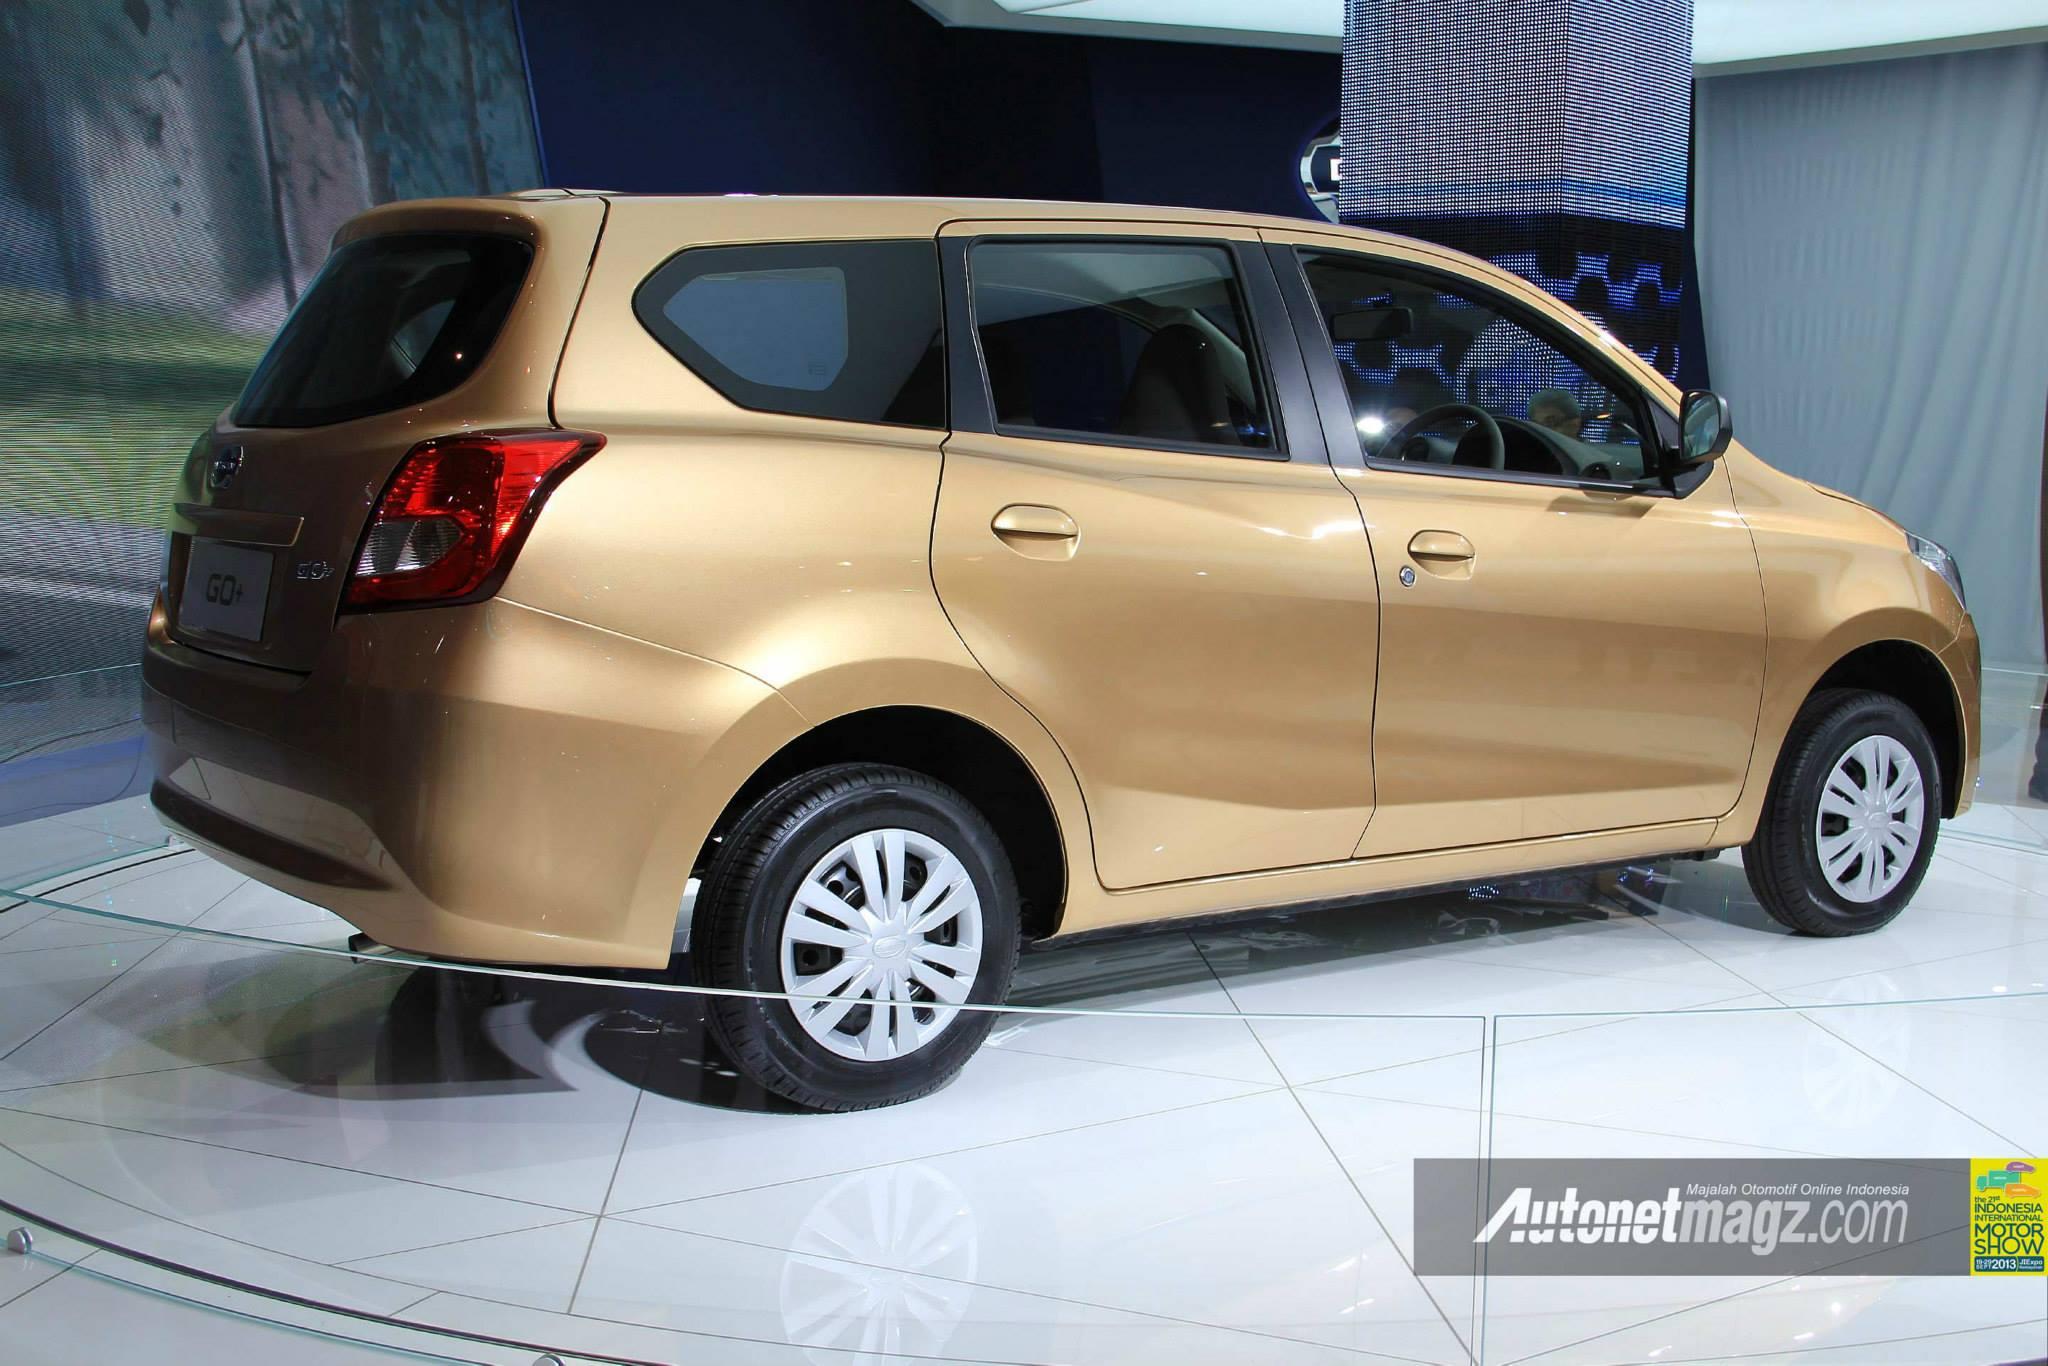 Harga Datsun Go Indonesia | Holidays OO